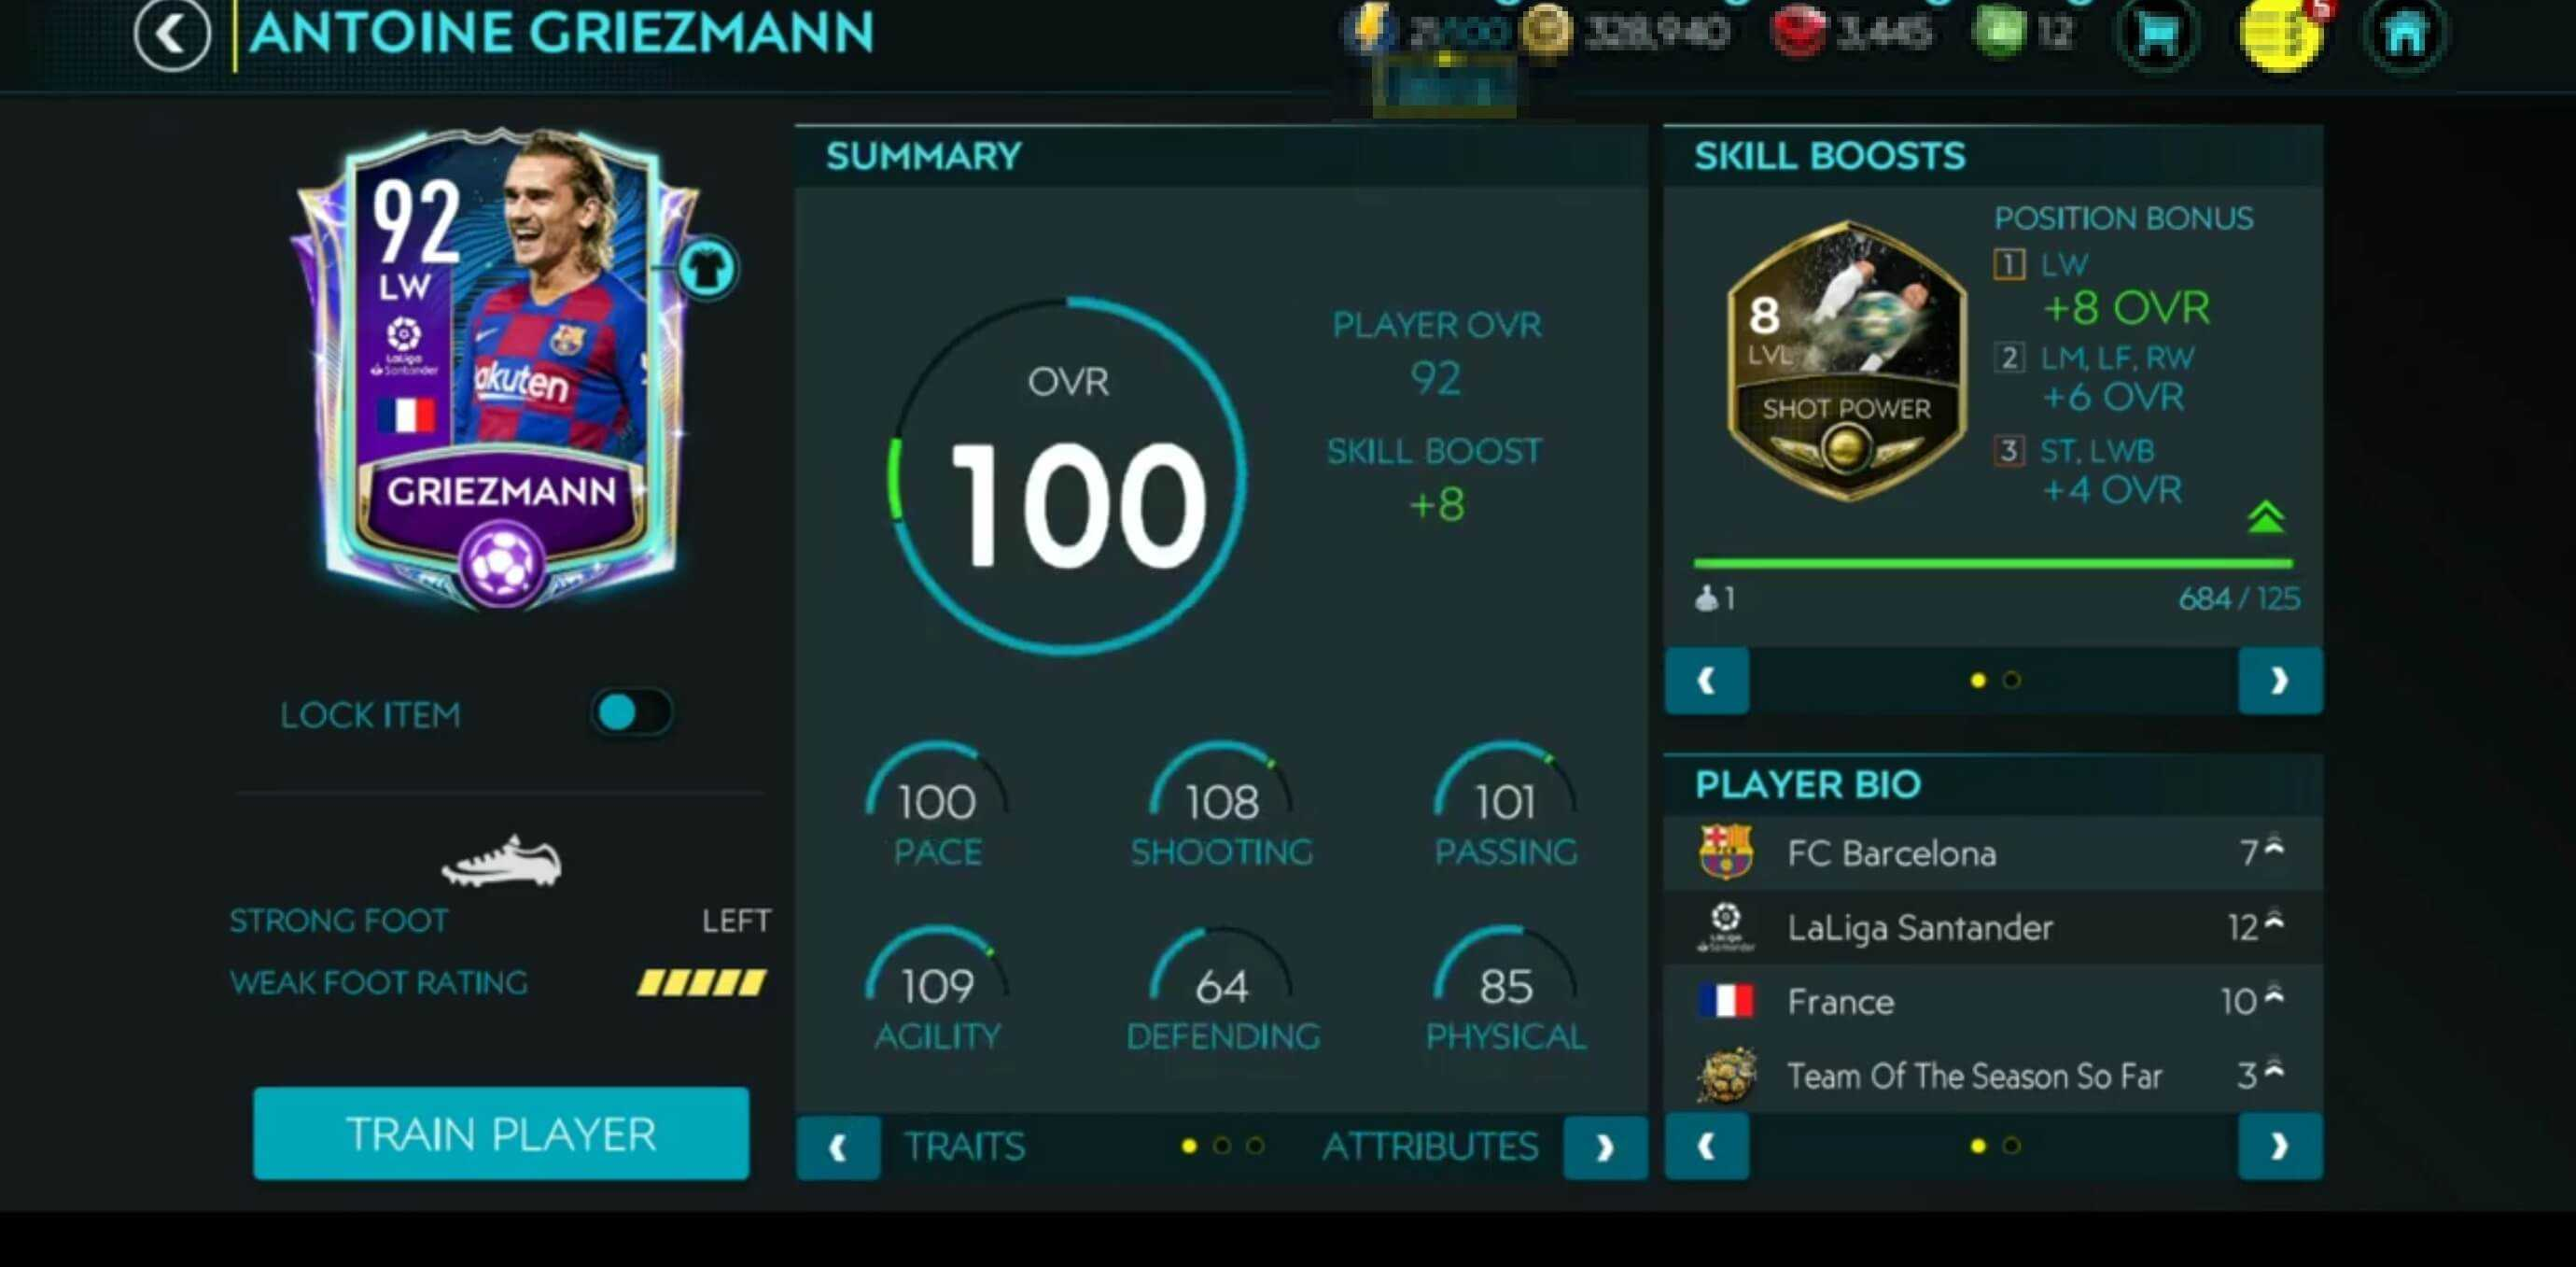 FIFA 22'de En Golcü Özelliklere Sahip Futbolcu Antoine Griezmann Olabilir!